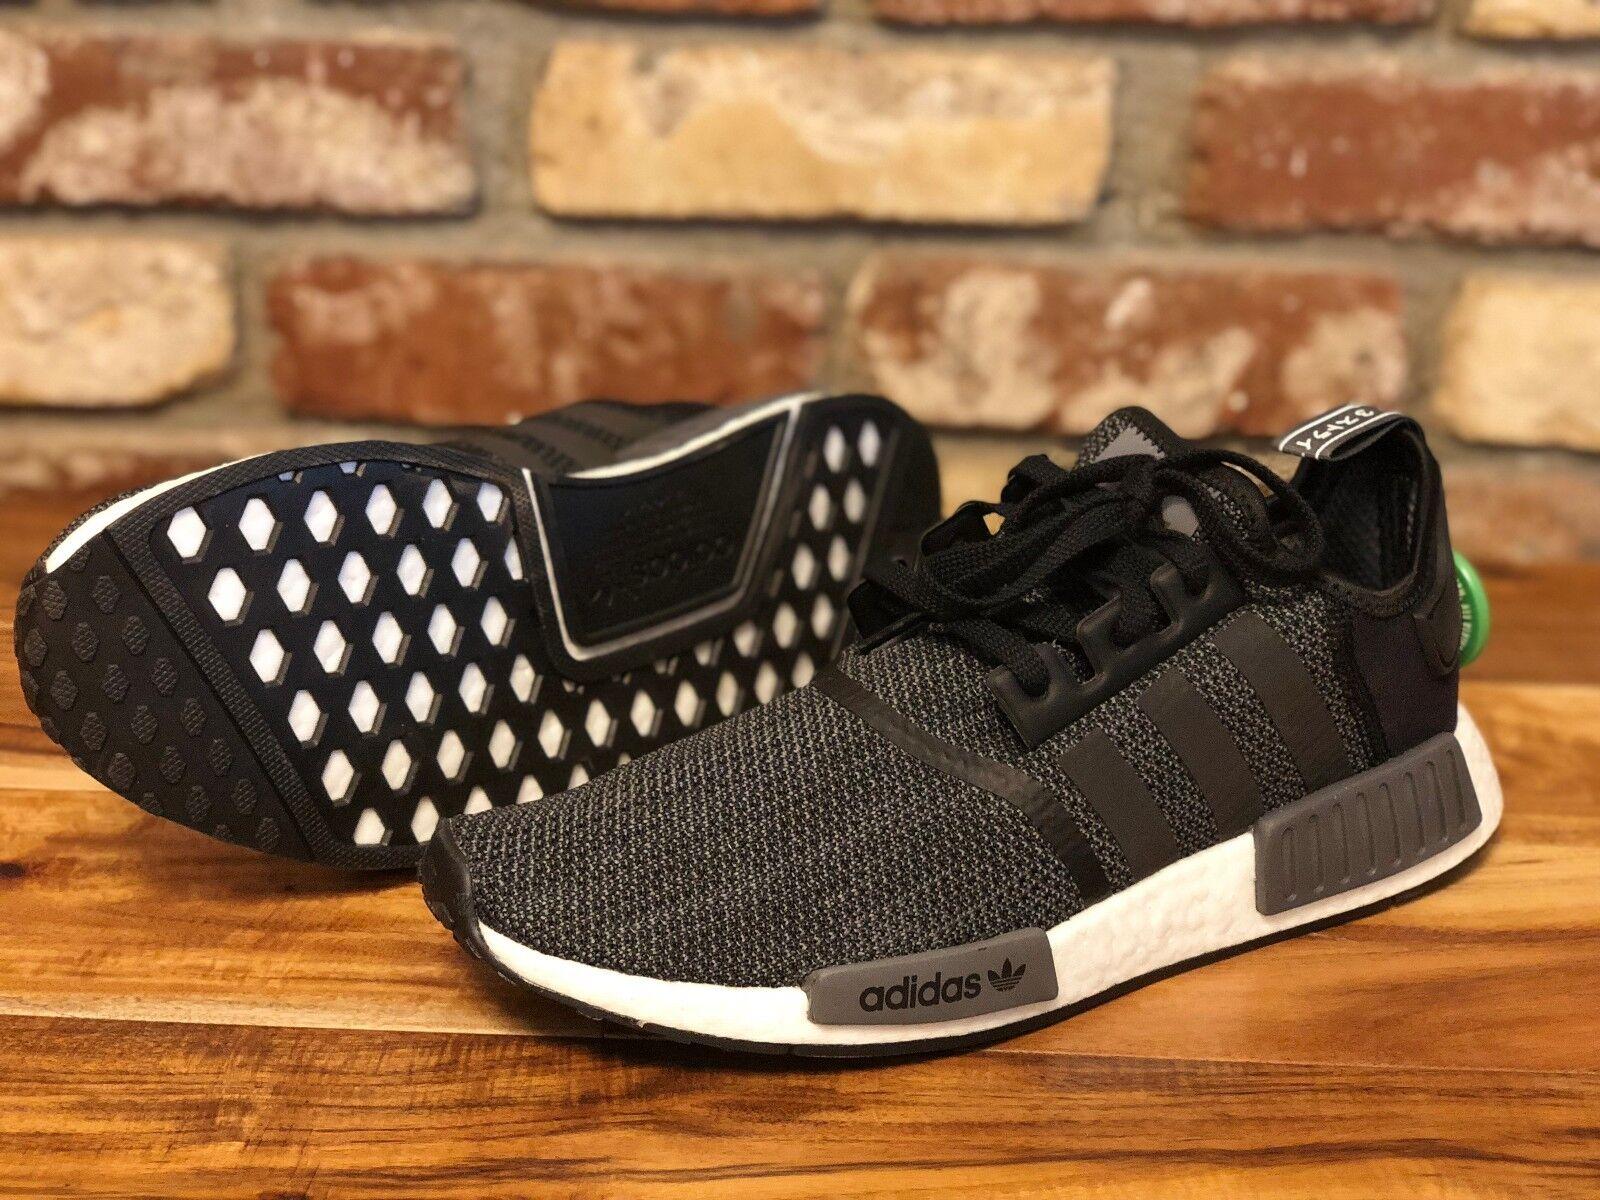 El Carbono Adidas Zapatos Nmd Popular Core Mas Negro Evxps8qwx De R1 YWD9I2EH